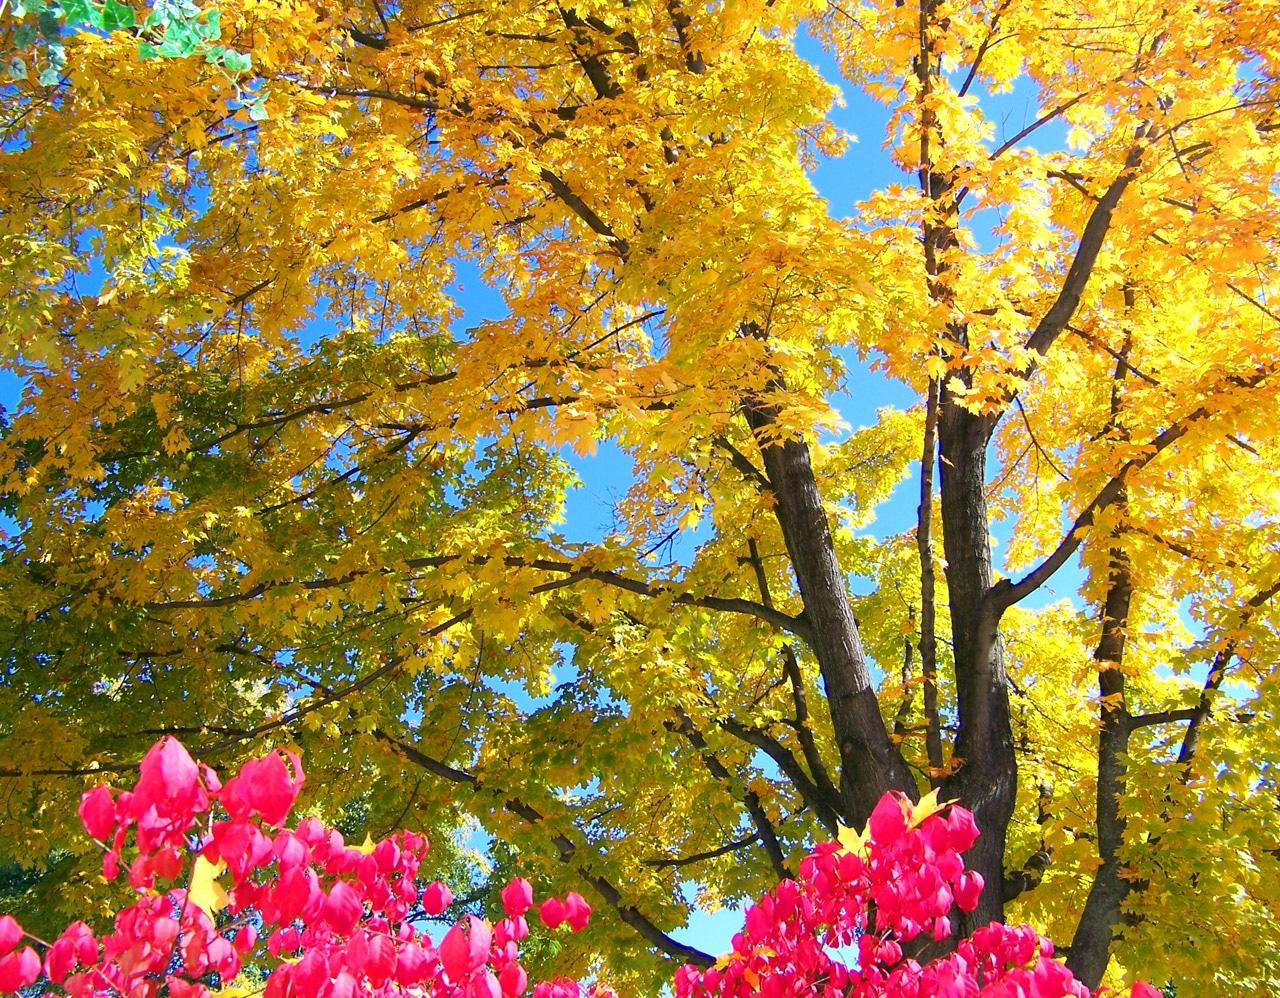 autumn-maple-tree-and-burning-bush